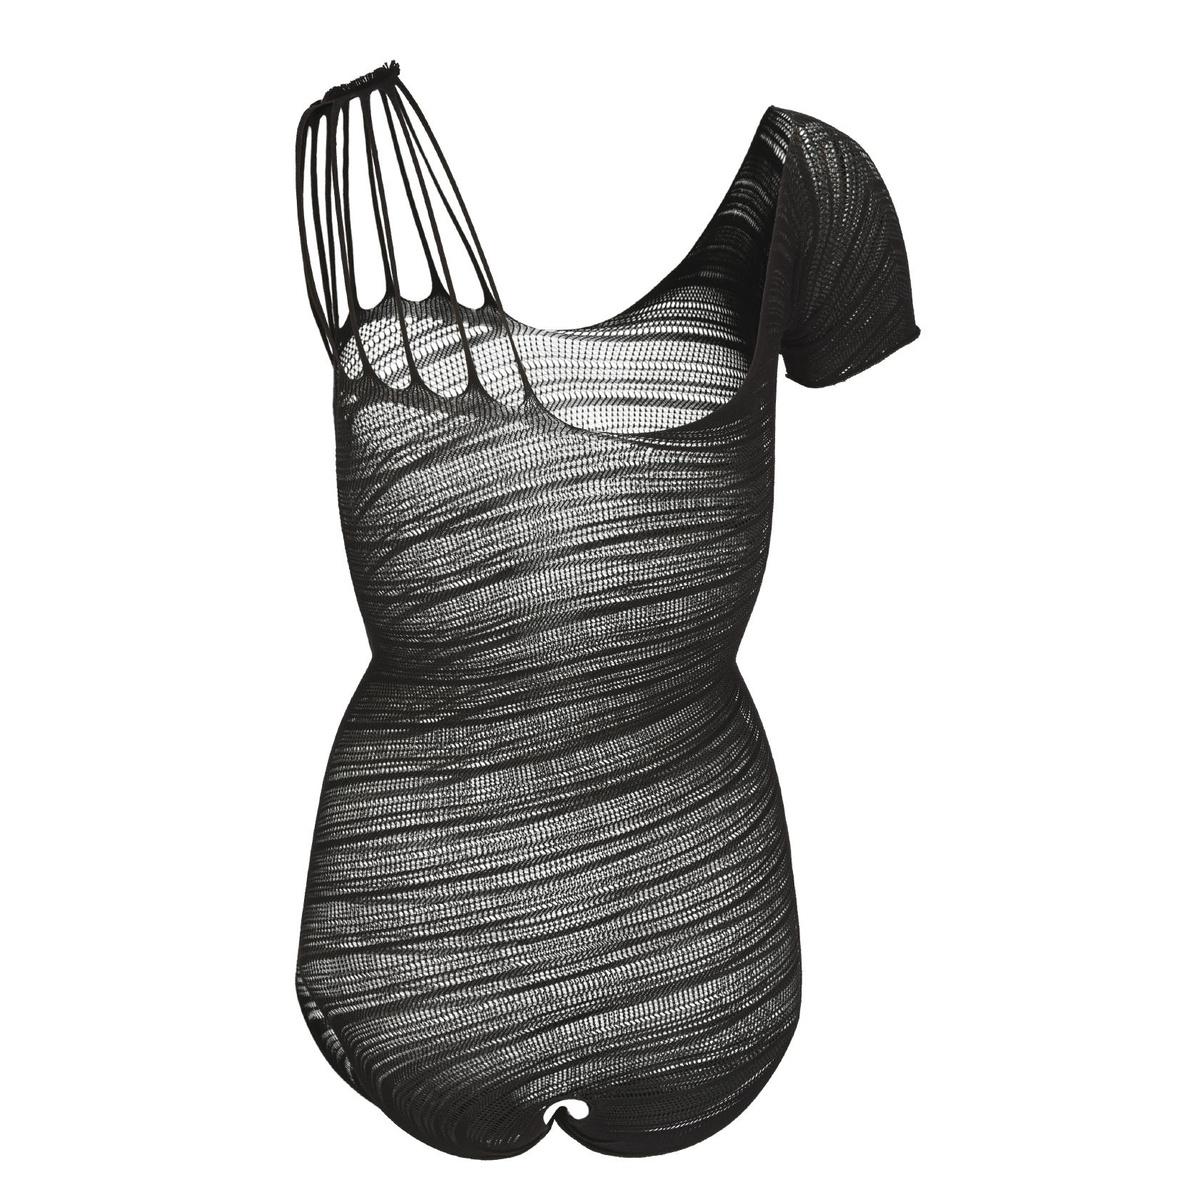 damen body teddy asymmetrisch gestreift schwarz 12 90. Black Bedroom Furniture Sets. Home Design Ideas